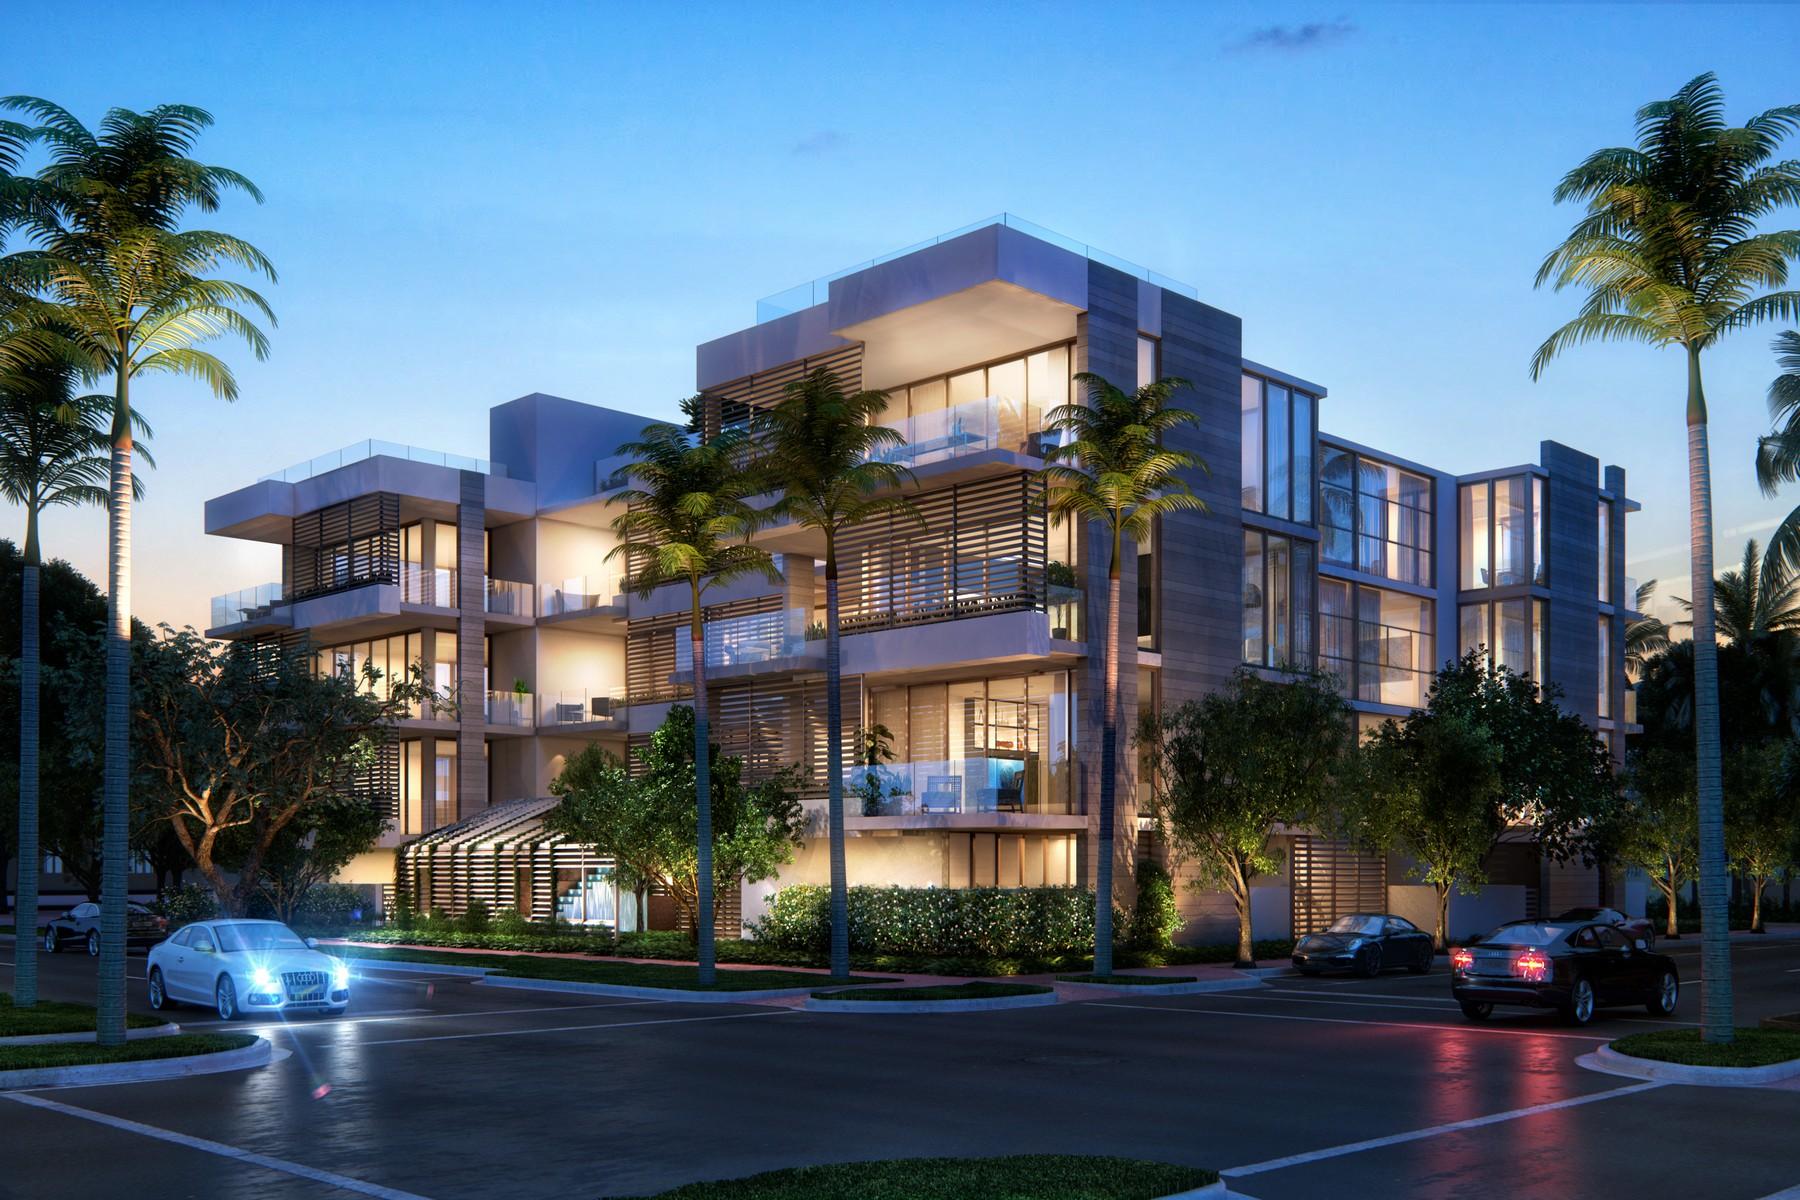 Частный односемейный дом для того Продажа на 311 Meridian Ave #202 Miami Beach, Флорида 33139 Соединенные Штаты